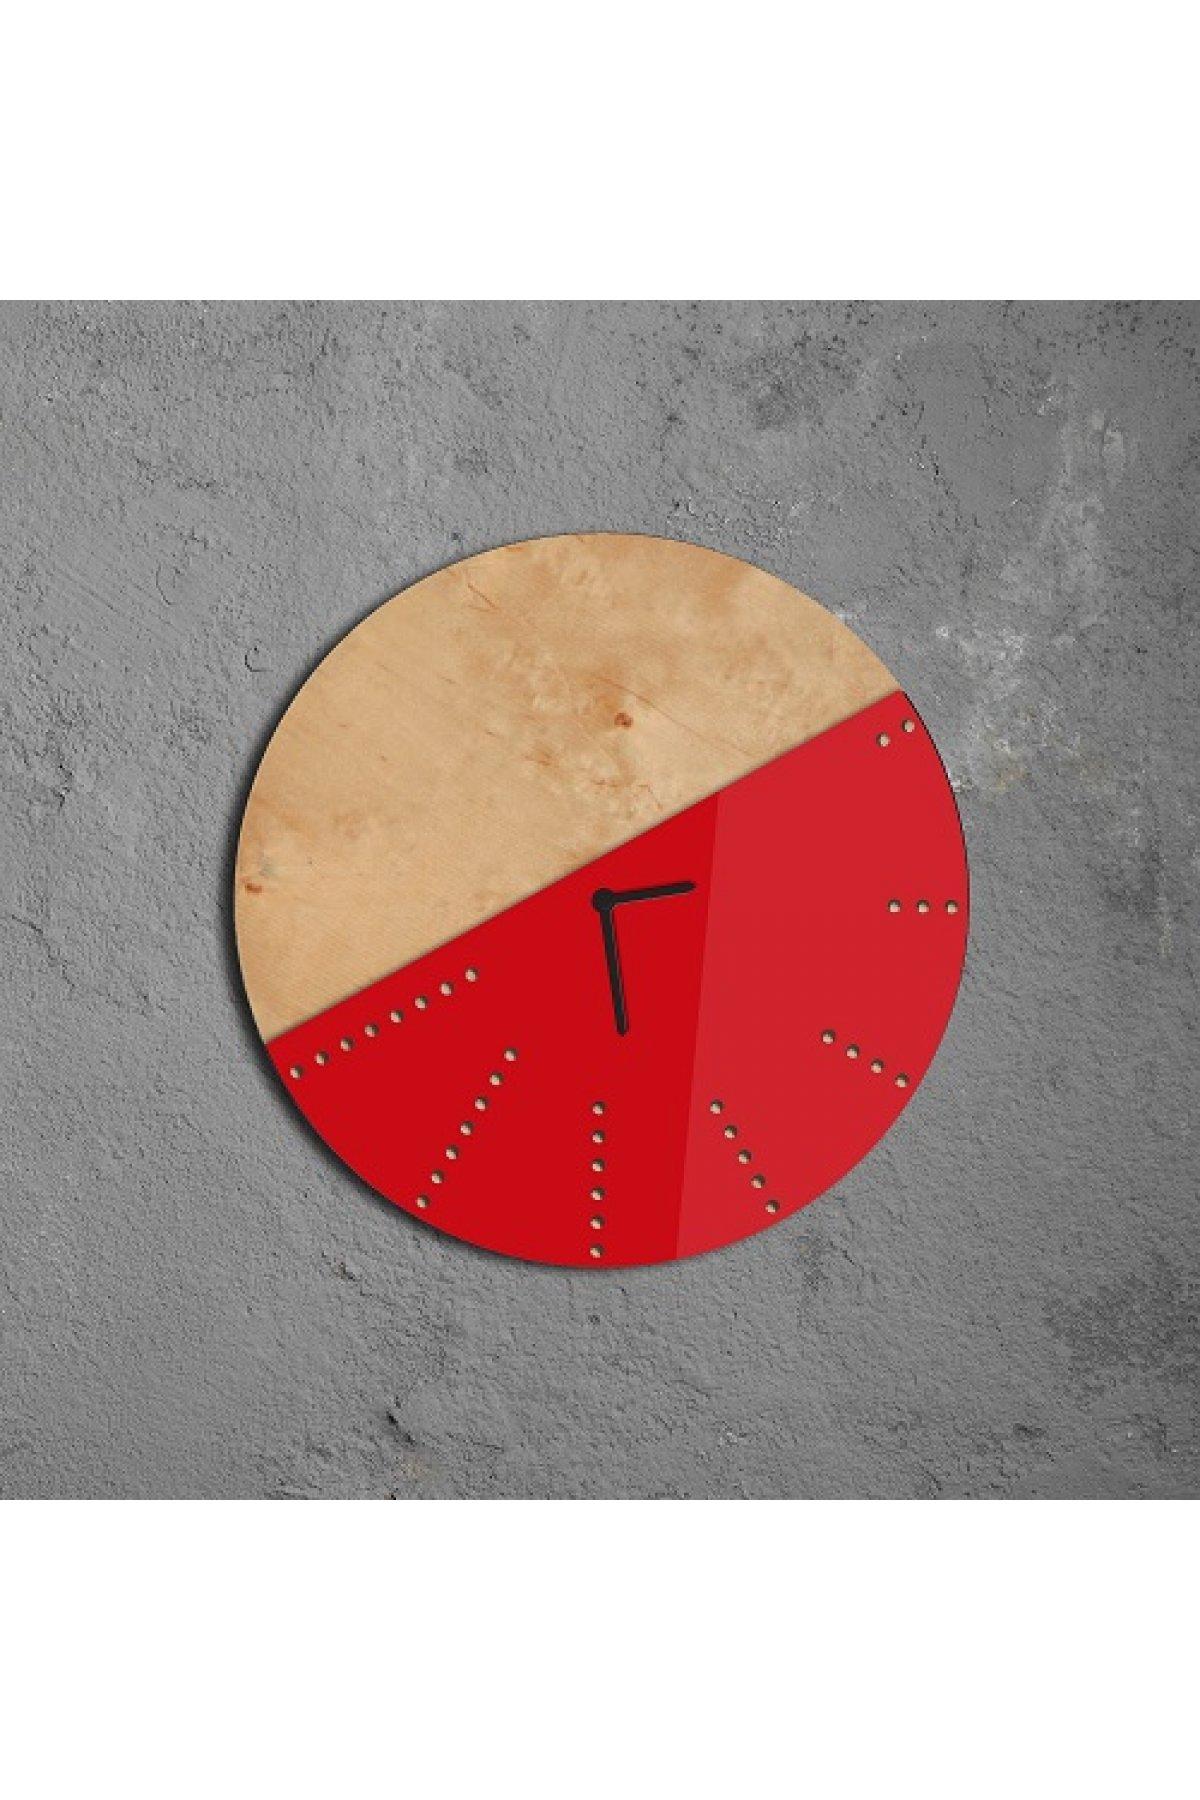 Evsimo Sunk Saat Kırmızı